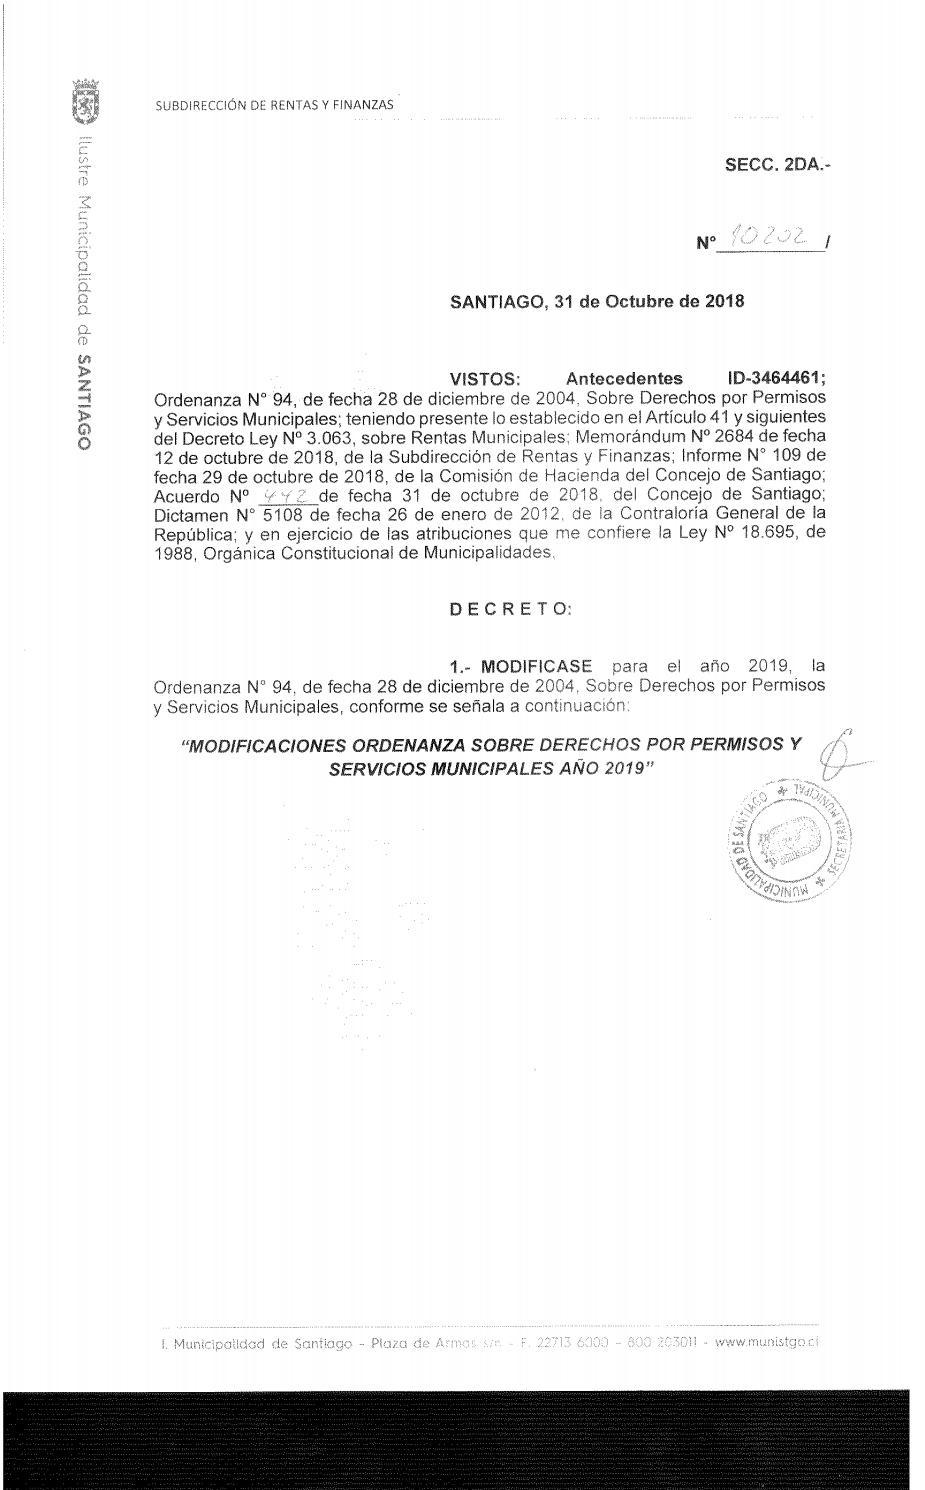 Ordenanza de Derechos Municipales 2019 by Municipalidad de